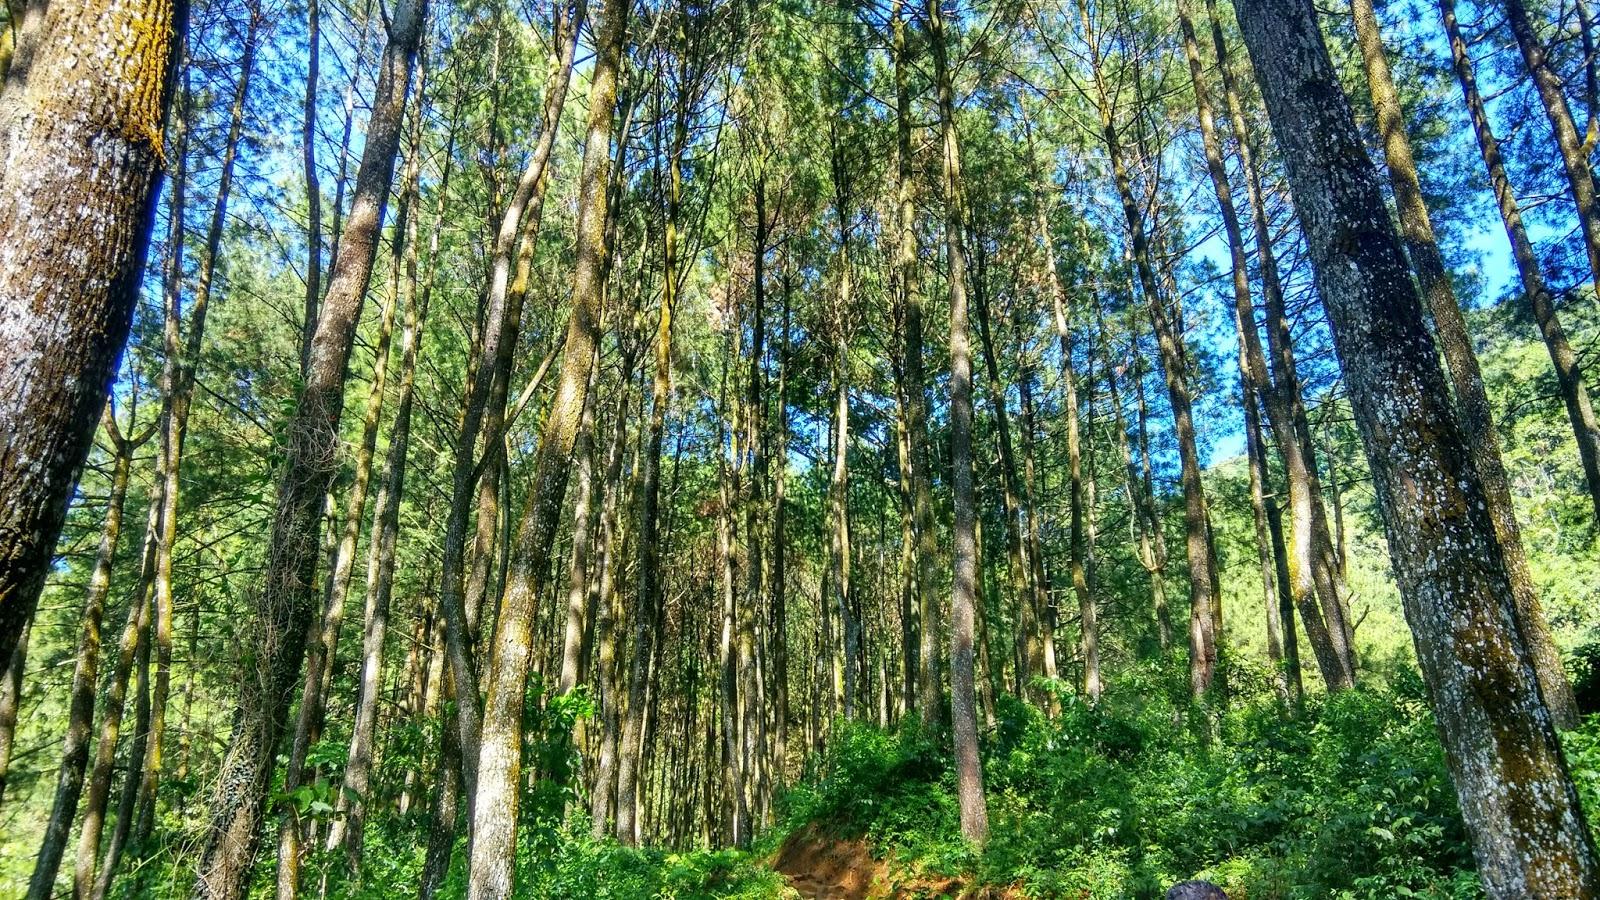 Kotretan Luntang Lantung Penangkaran Elang Loji Alternatif Liburan Hutan Pinus